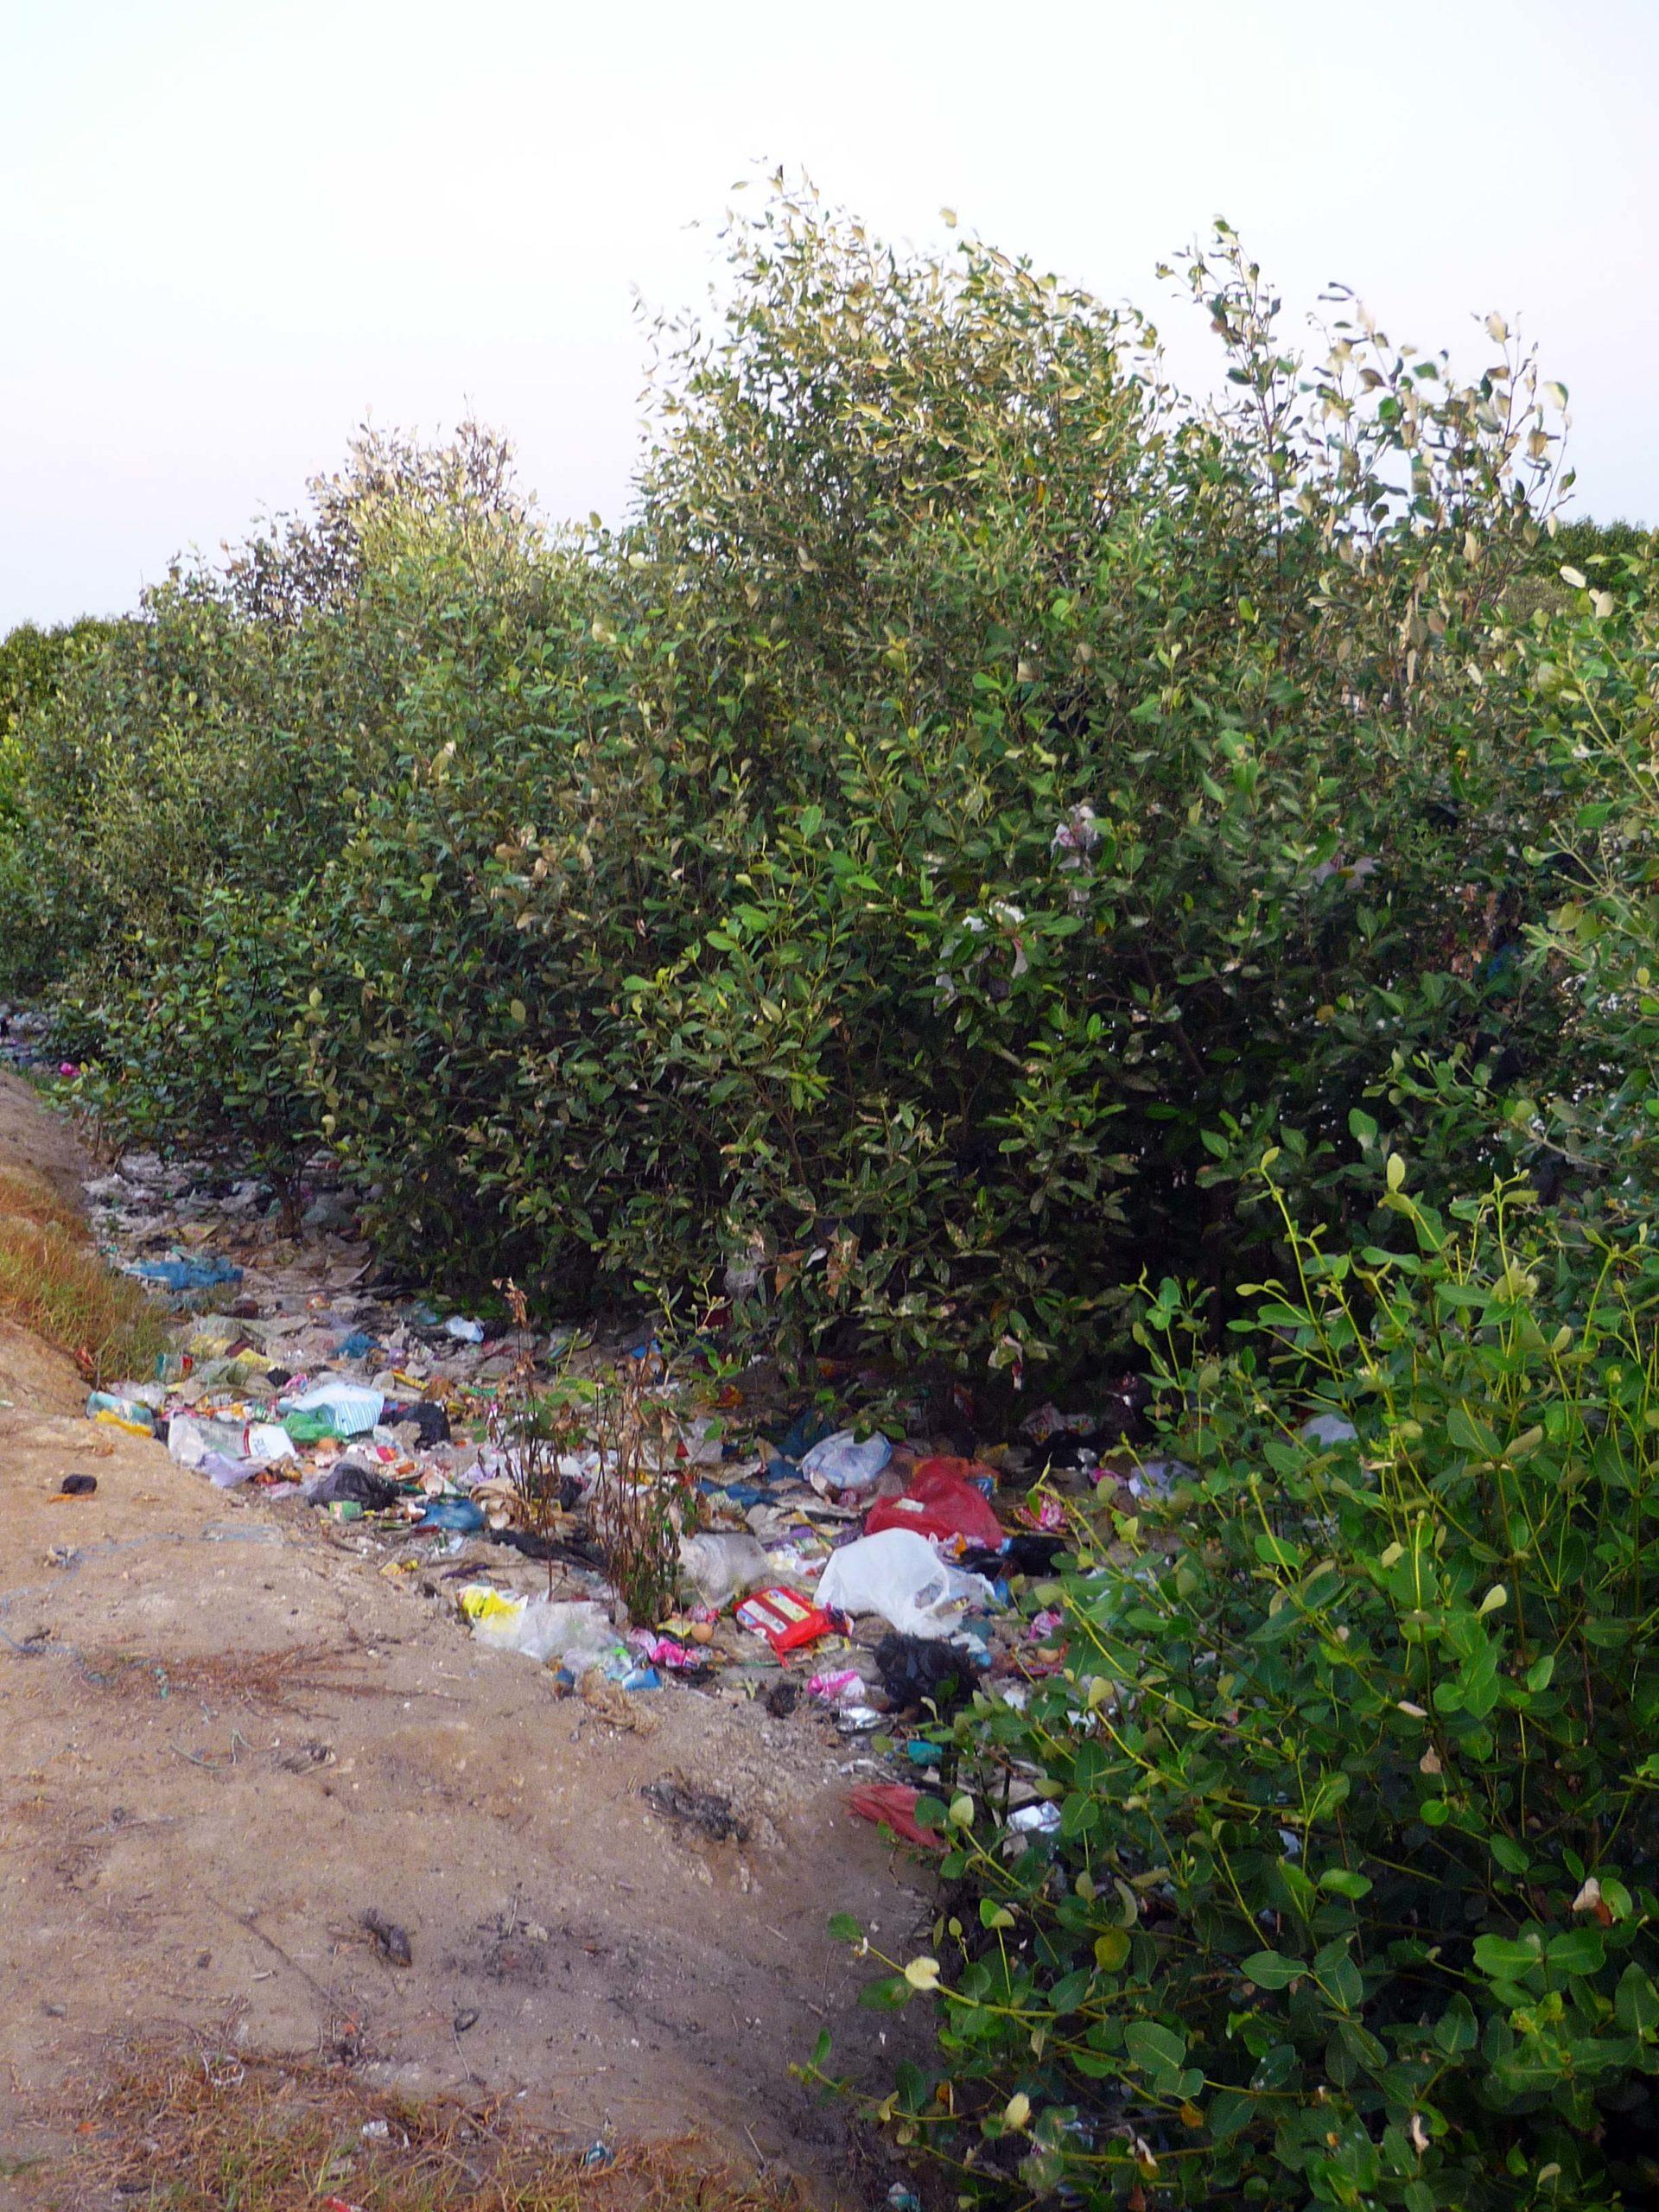 Trash pollutes a mangrove swamp near a village using it as a landfill.